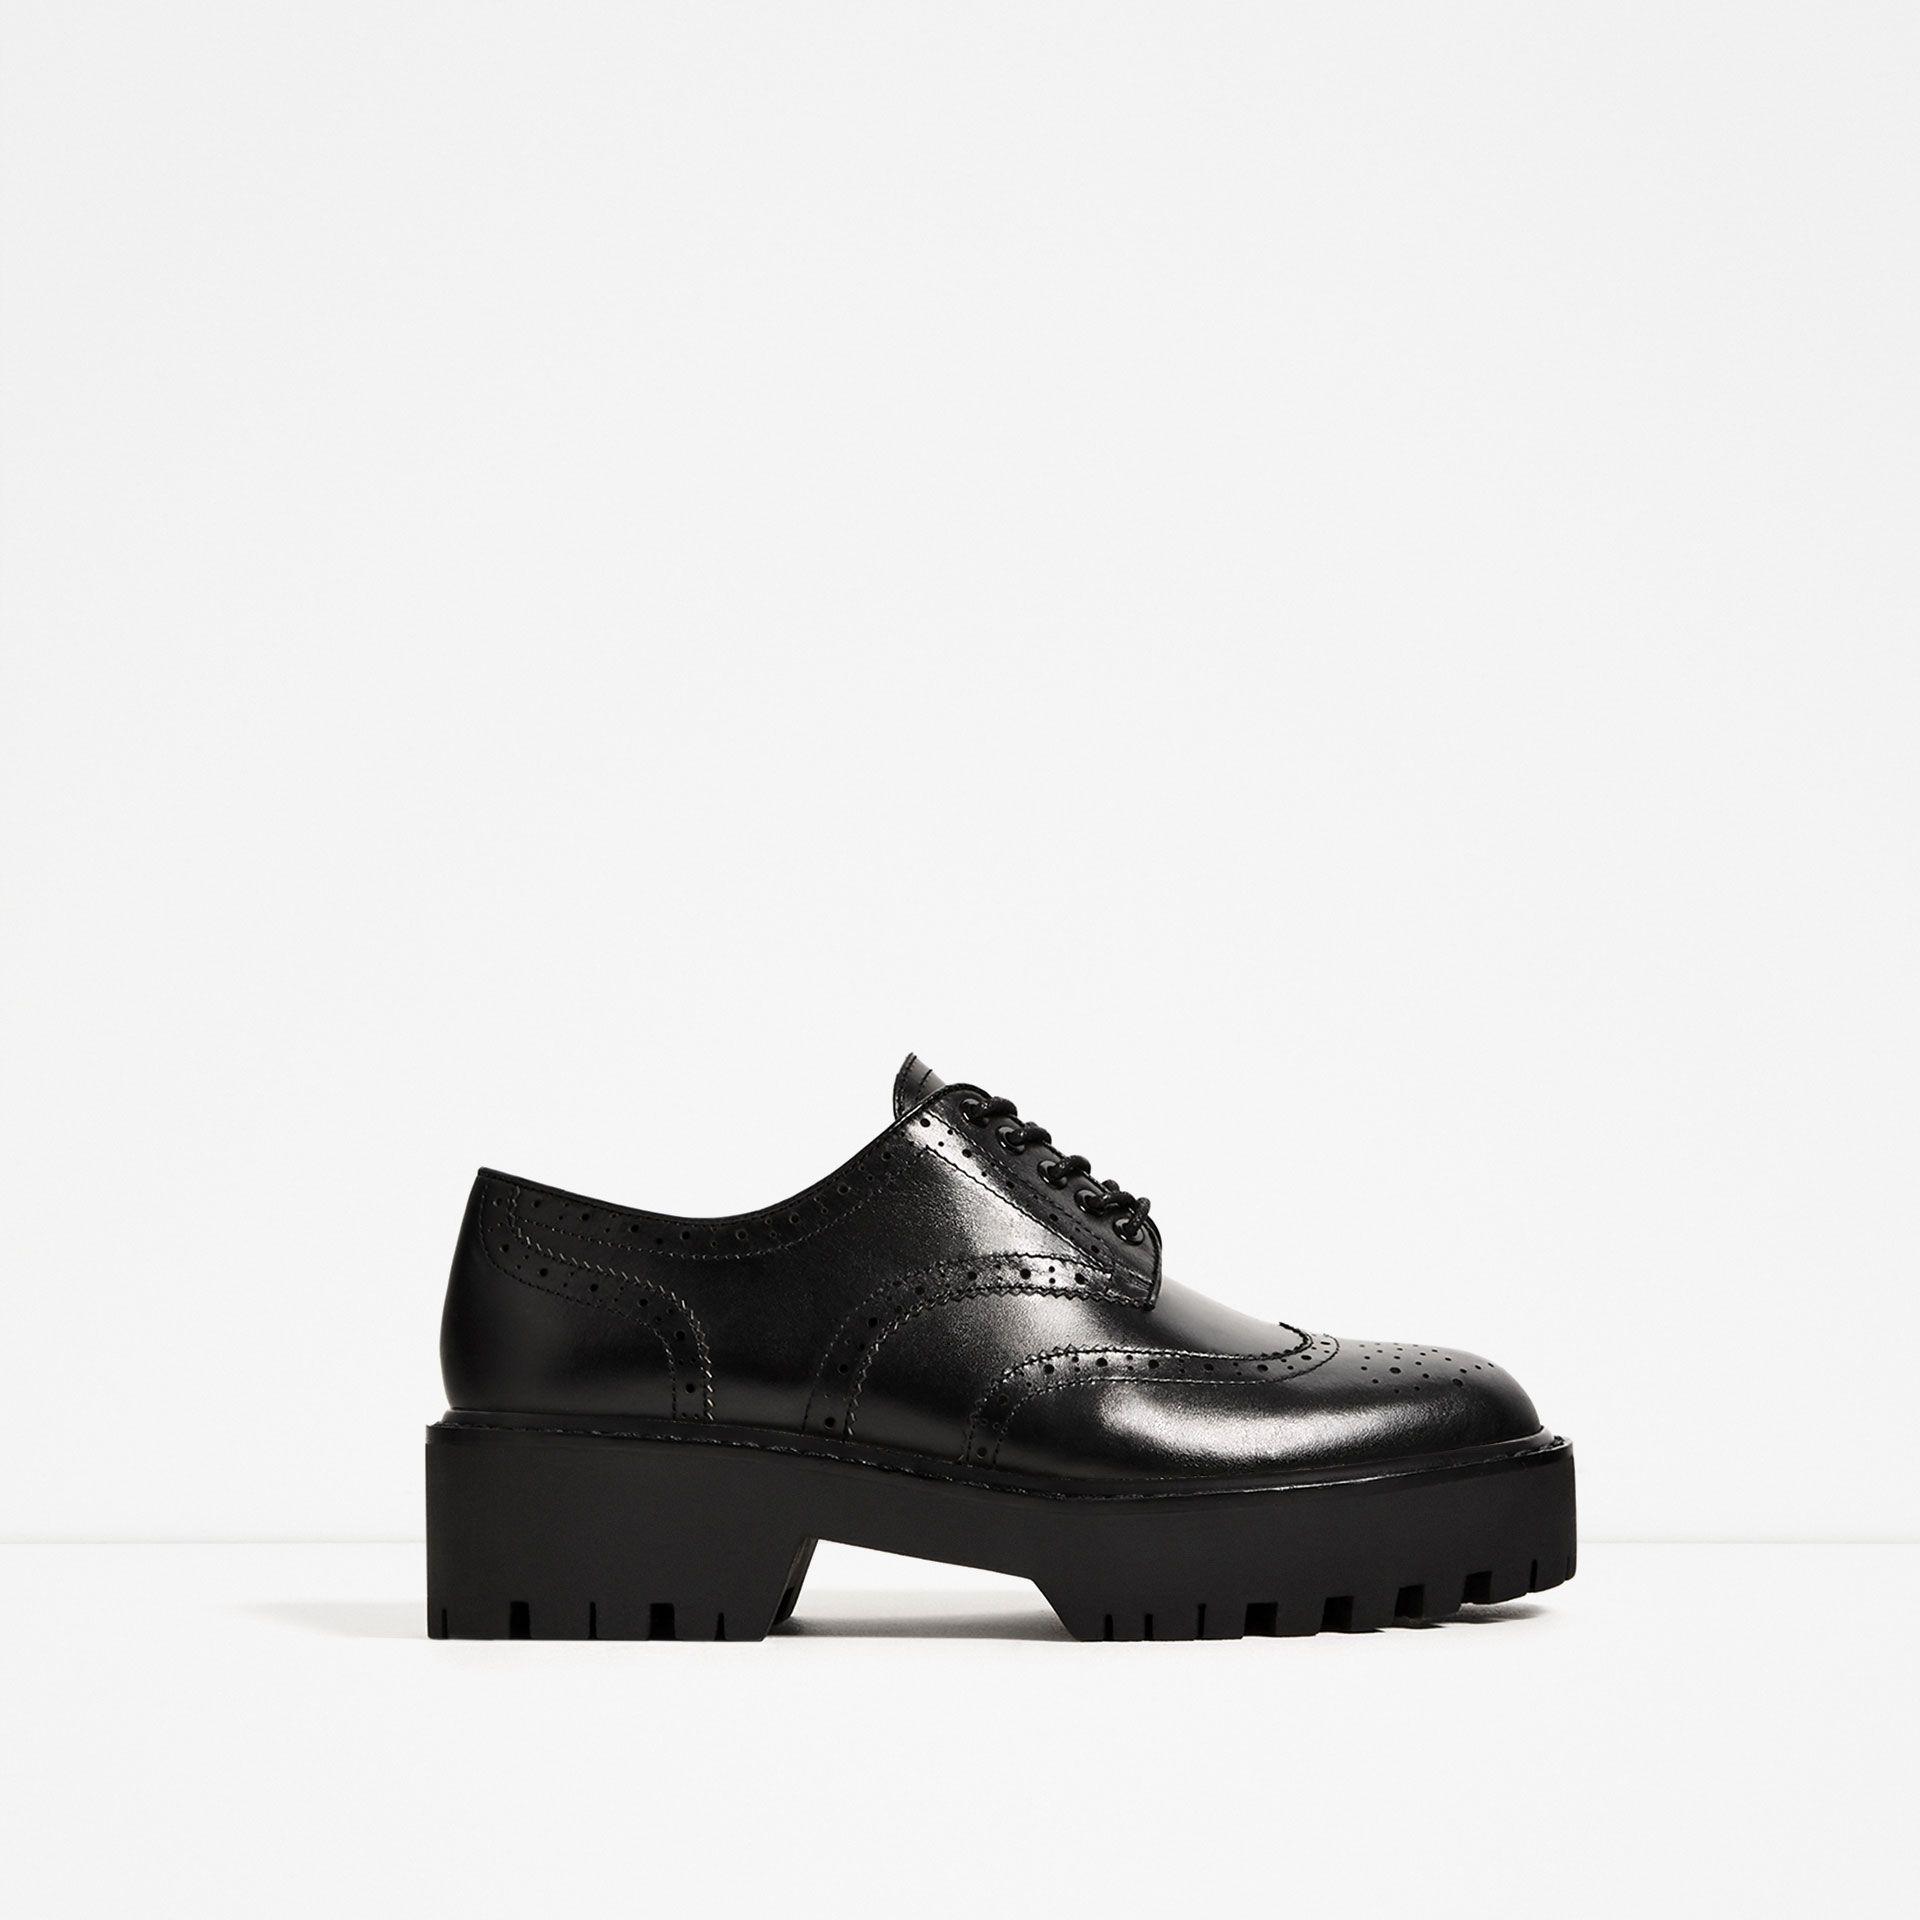 Zara Gynaikeia Dermatino Papoytsi Derby Me Diatrhto Sxedio Leather Brogues Zara Shoes